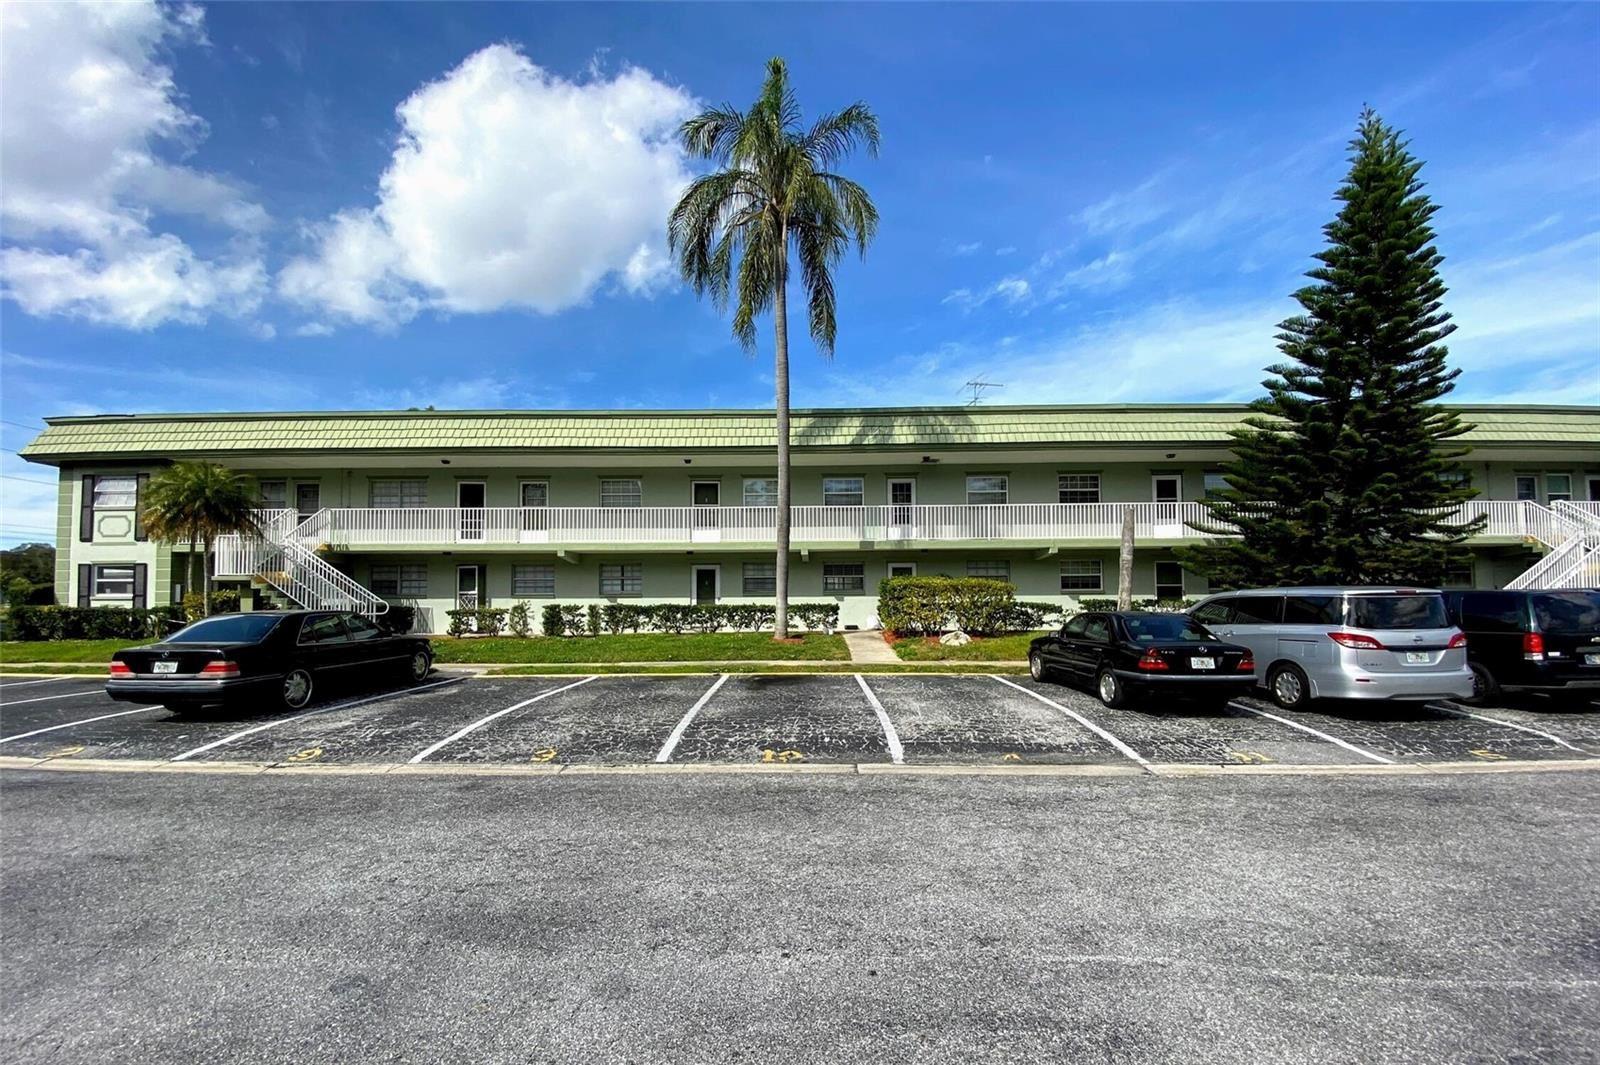 1433 S BELCHER ROAD #B13, Clearwater, FL 33764 - #: U8139698